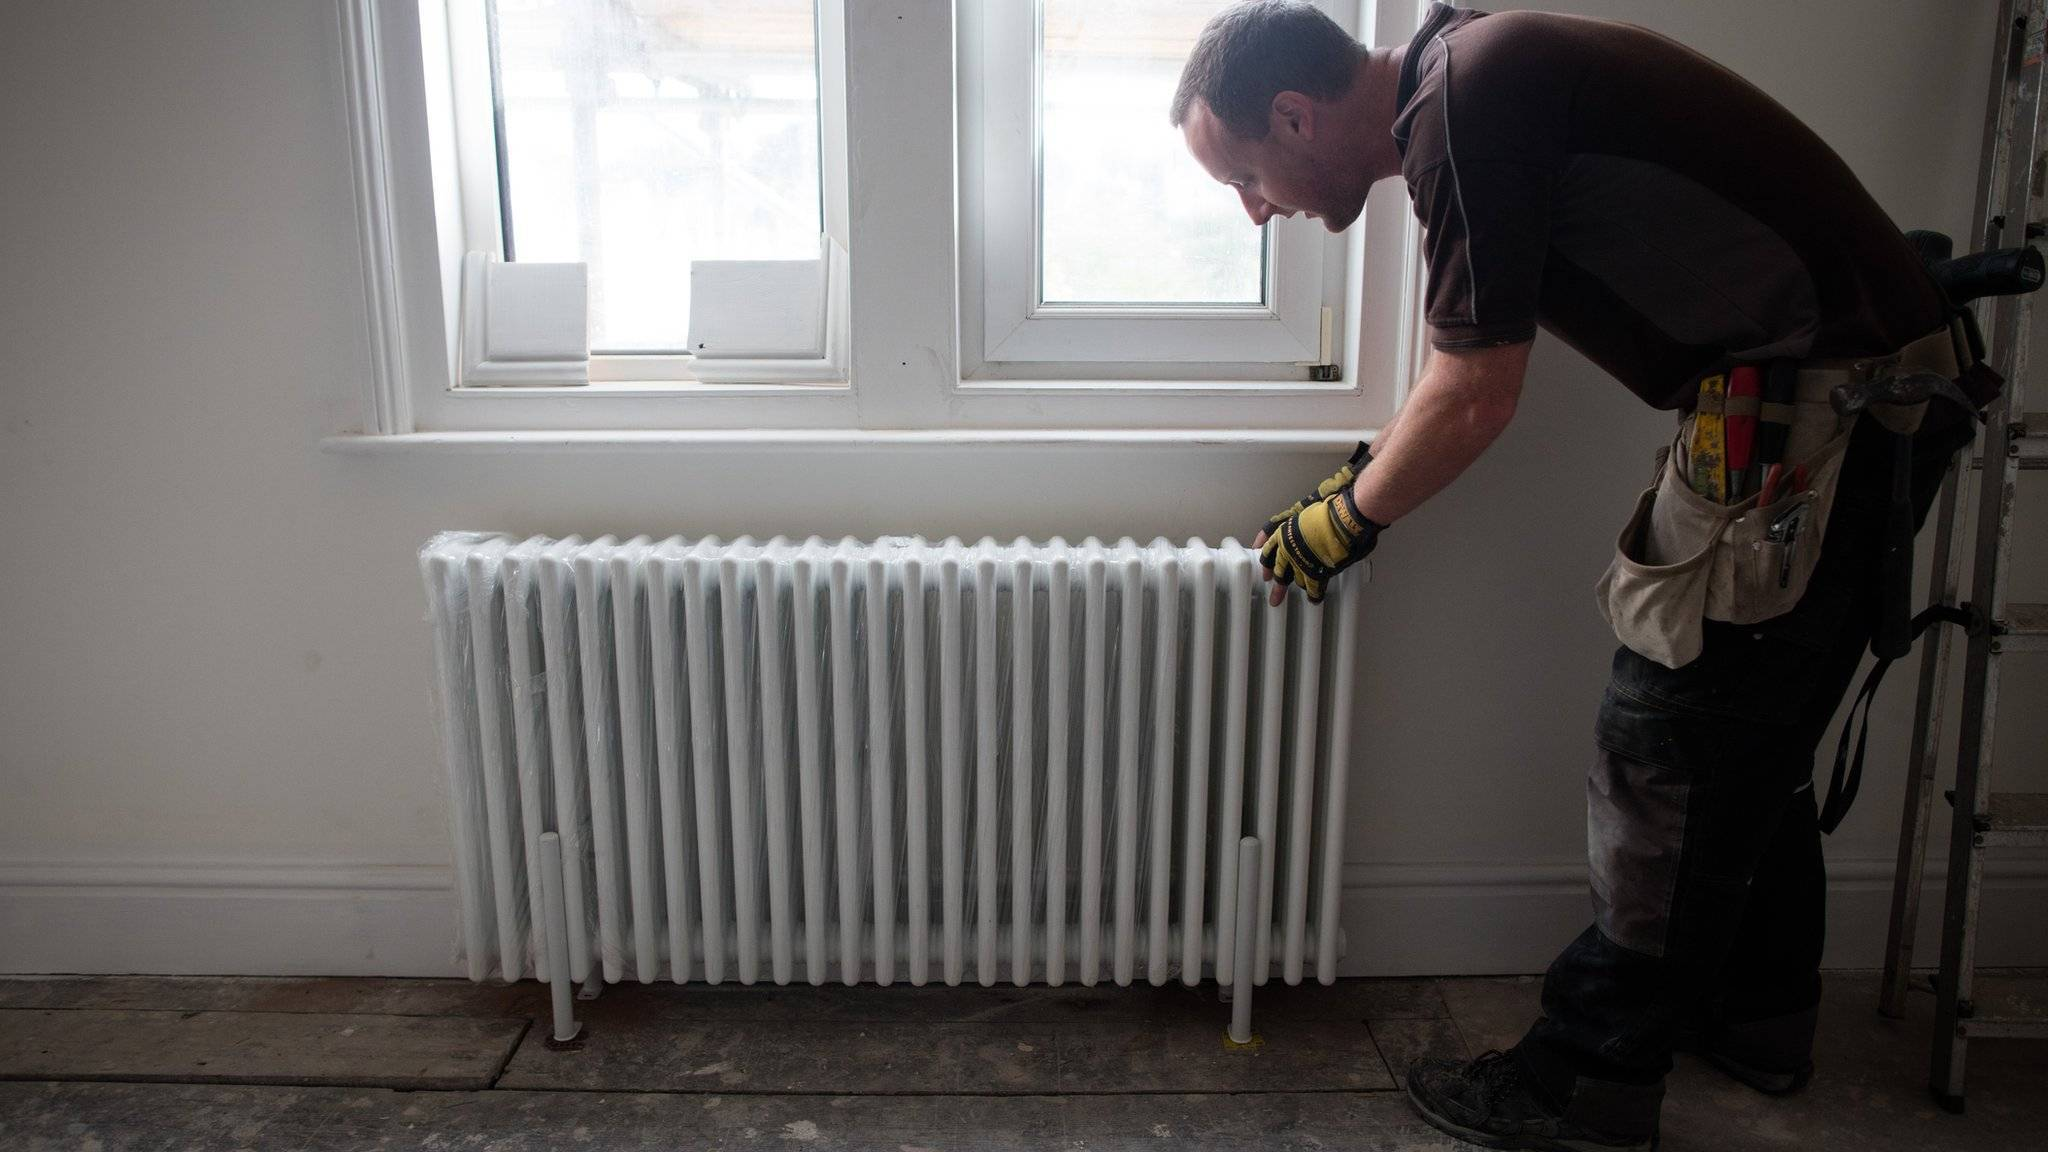 Алюминиевые или биметаллические радиаторы: какие лучше купить